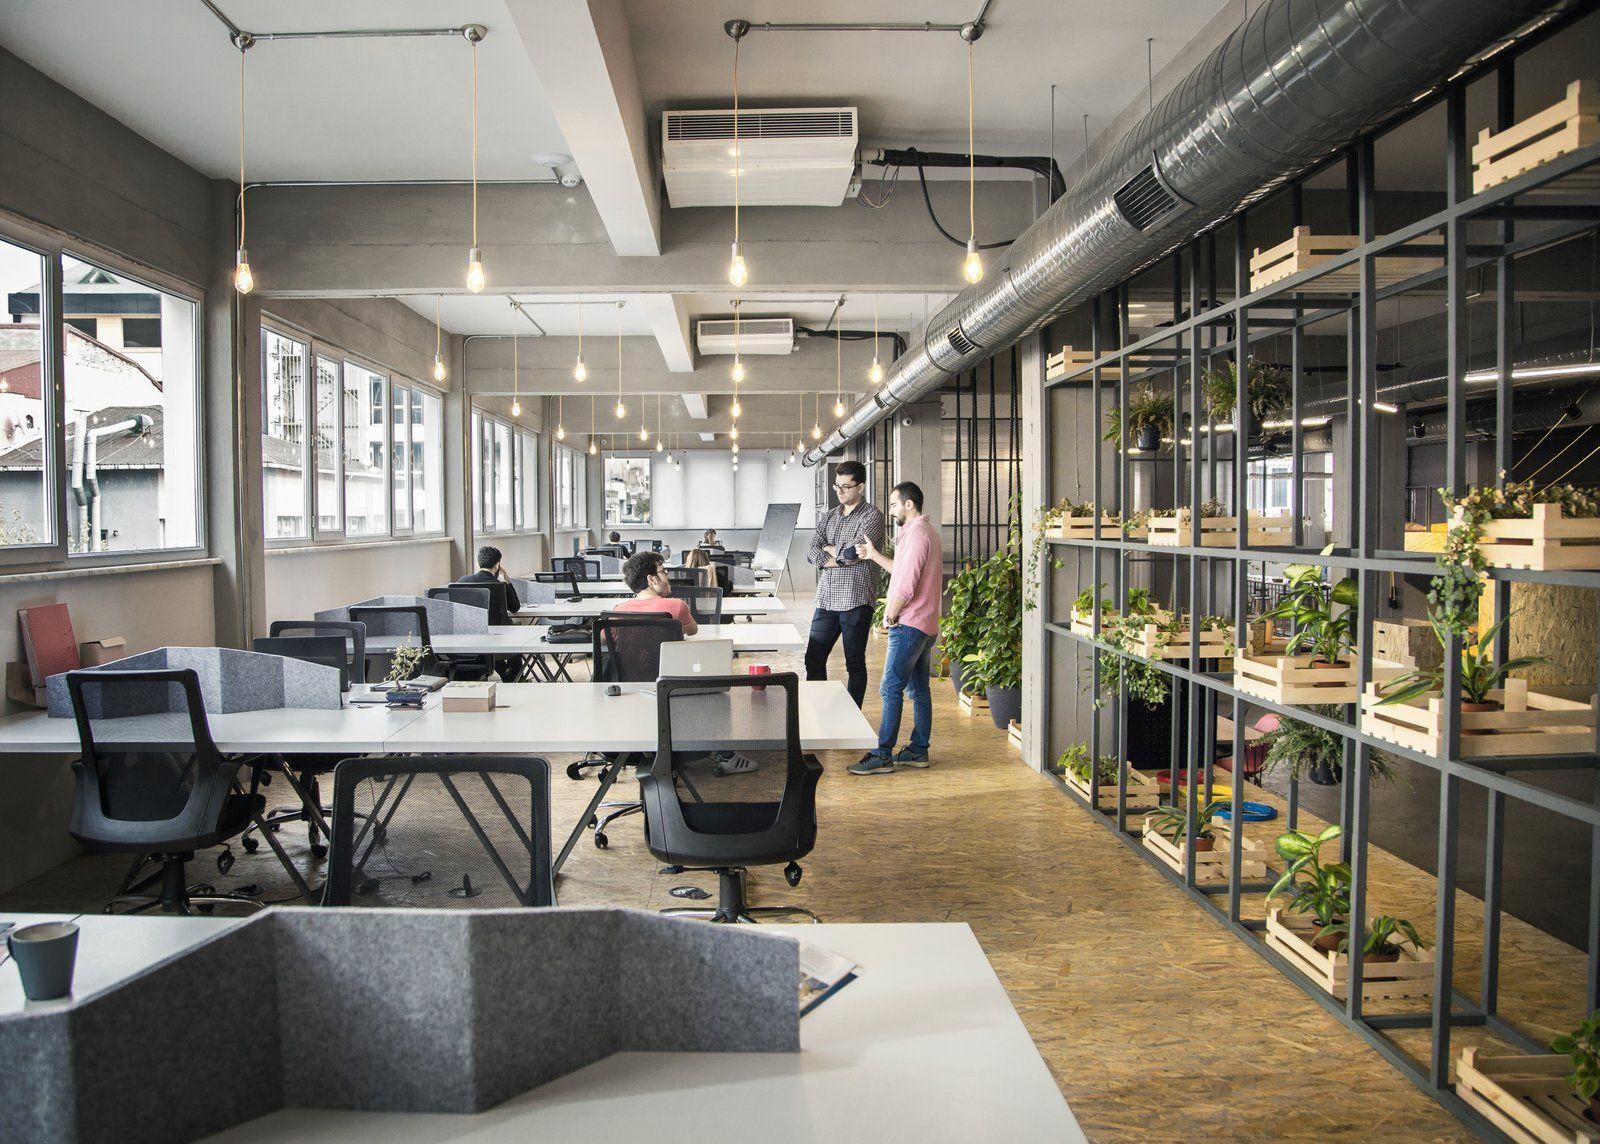 Thị trường coworking space Việt Nam trước bước phát triển mới